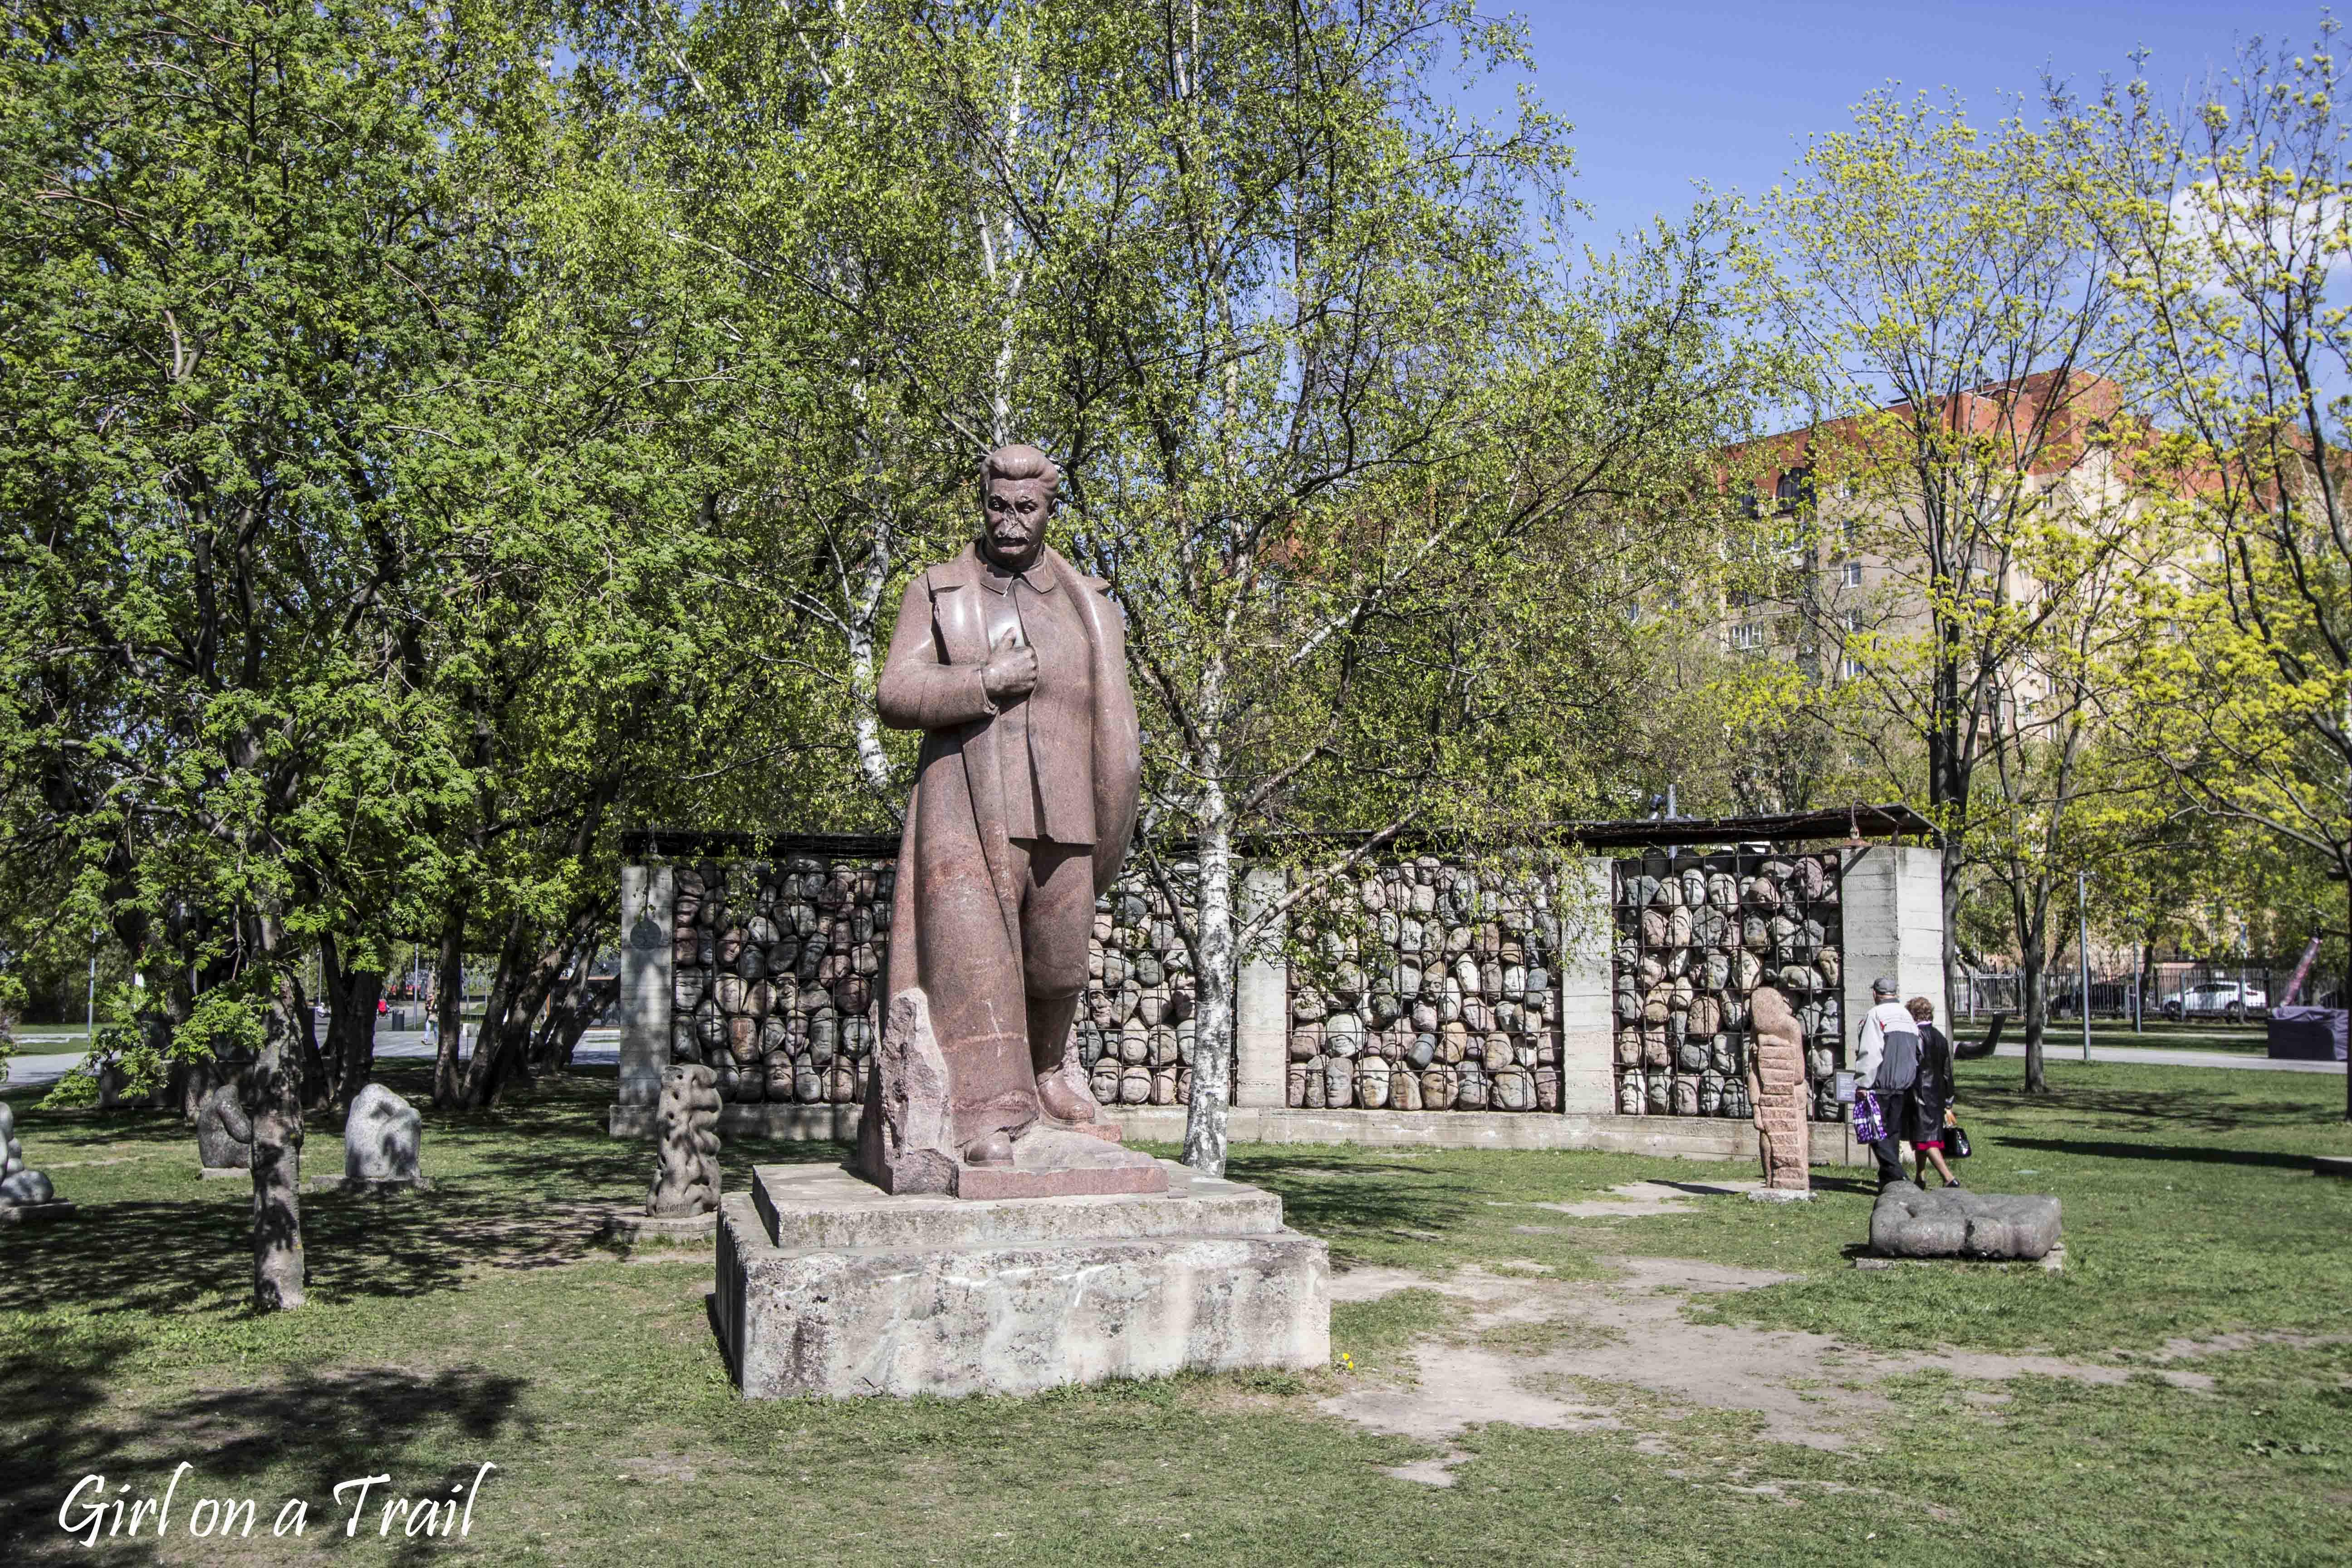 Moskwa - Galeria Rzeźb Upadłych